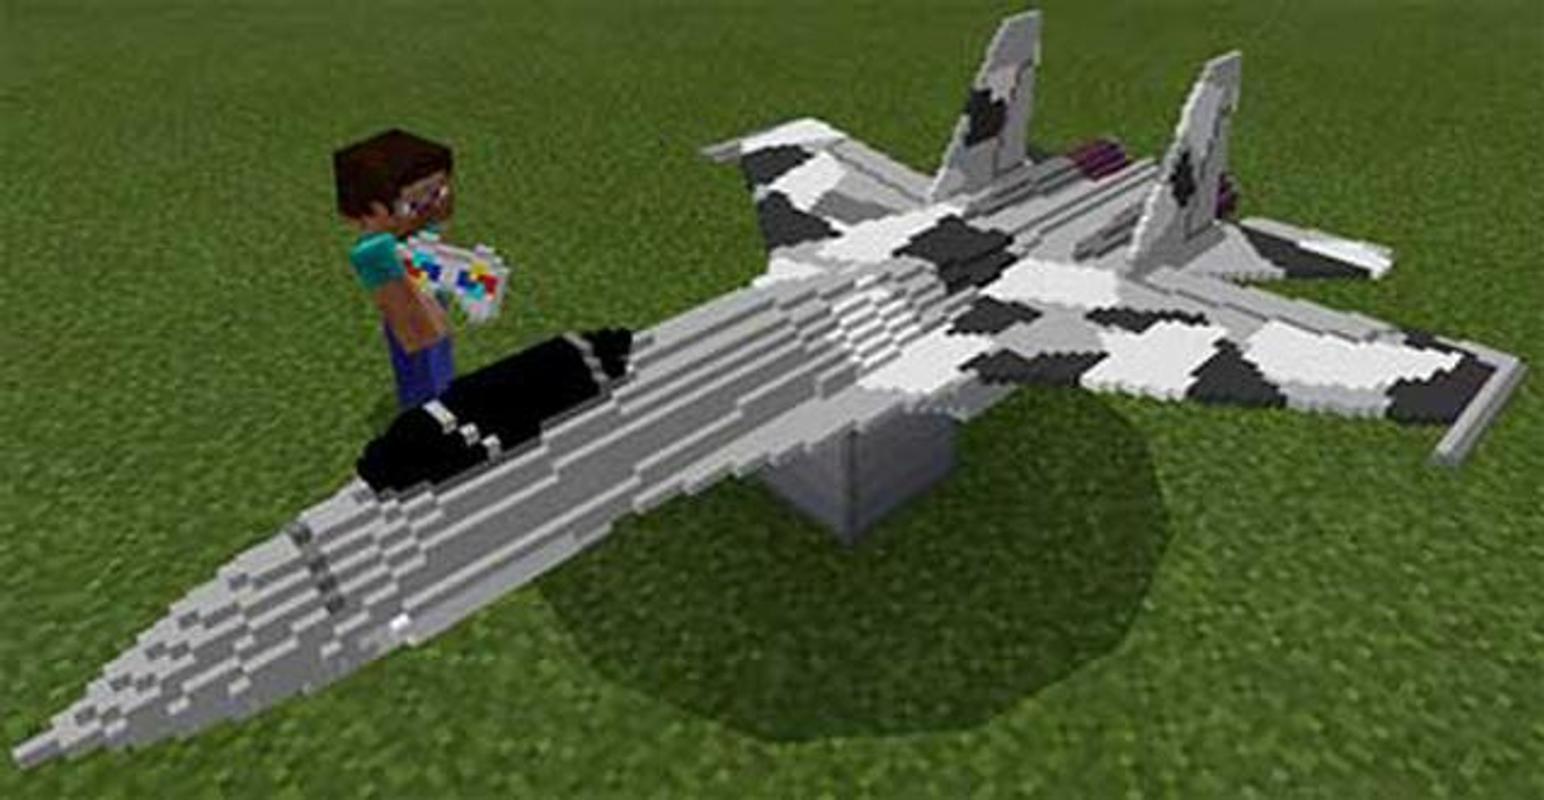 видео майнкрафт где есть мод на естрибитель и он летает #2